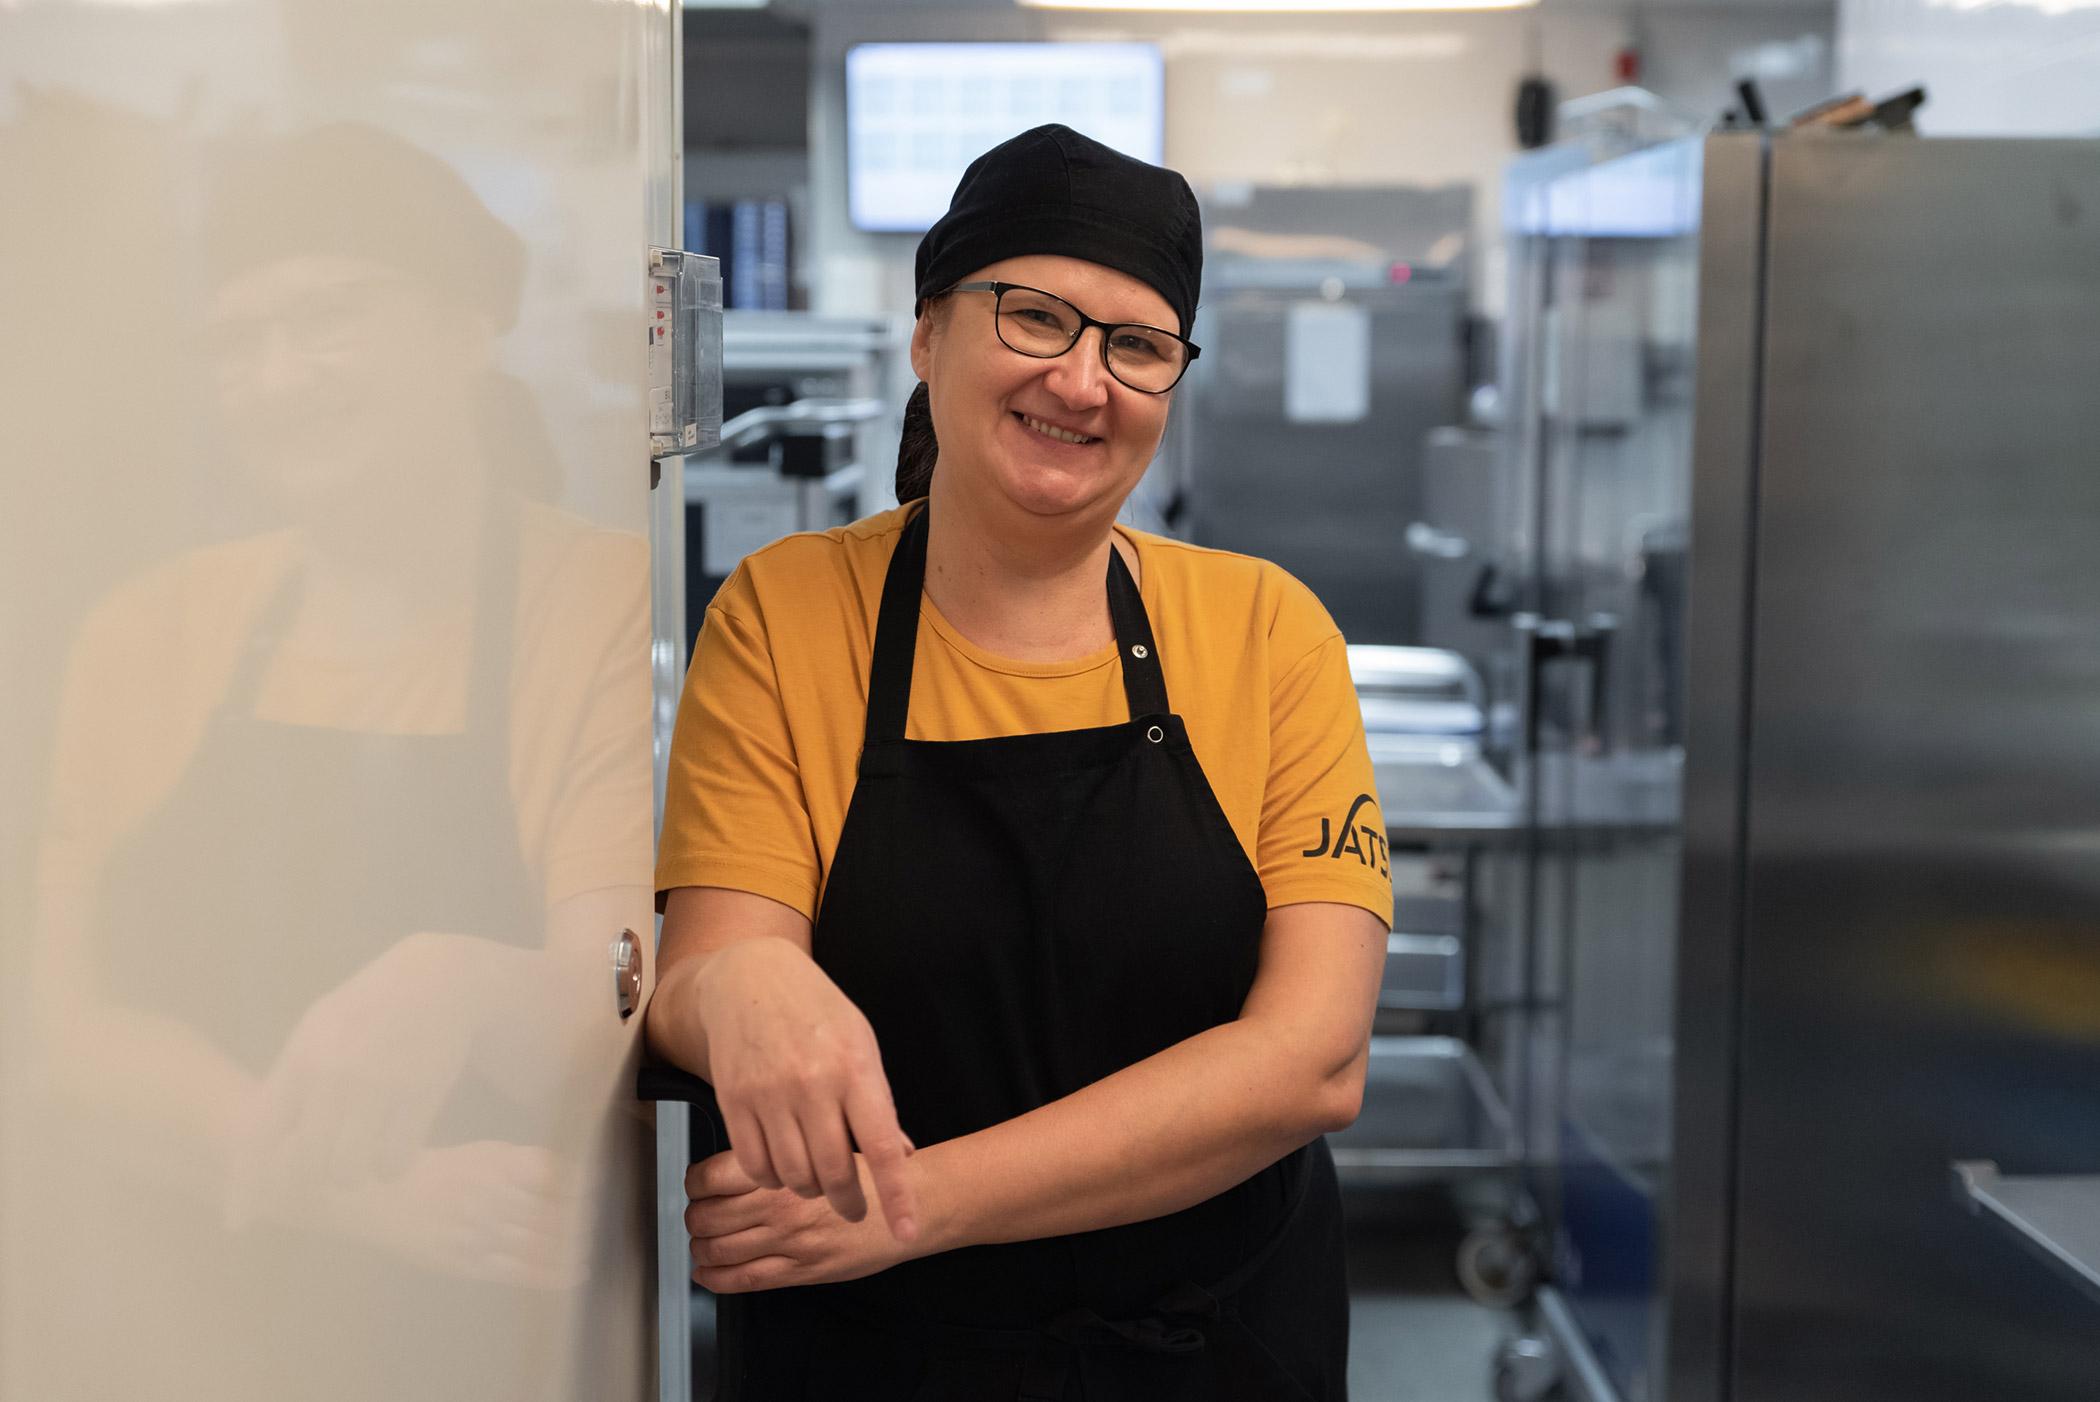 Jatsin ruokapalveluvastaava Virpi Rikberg